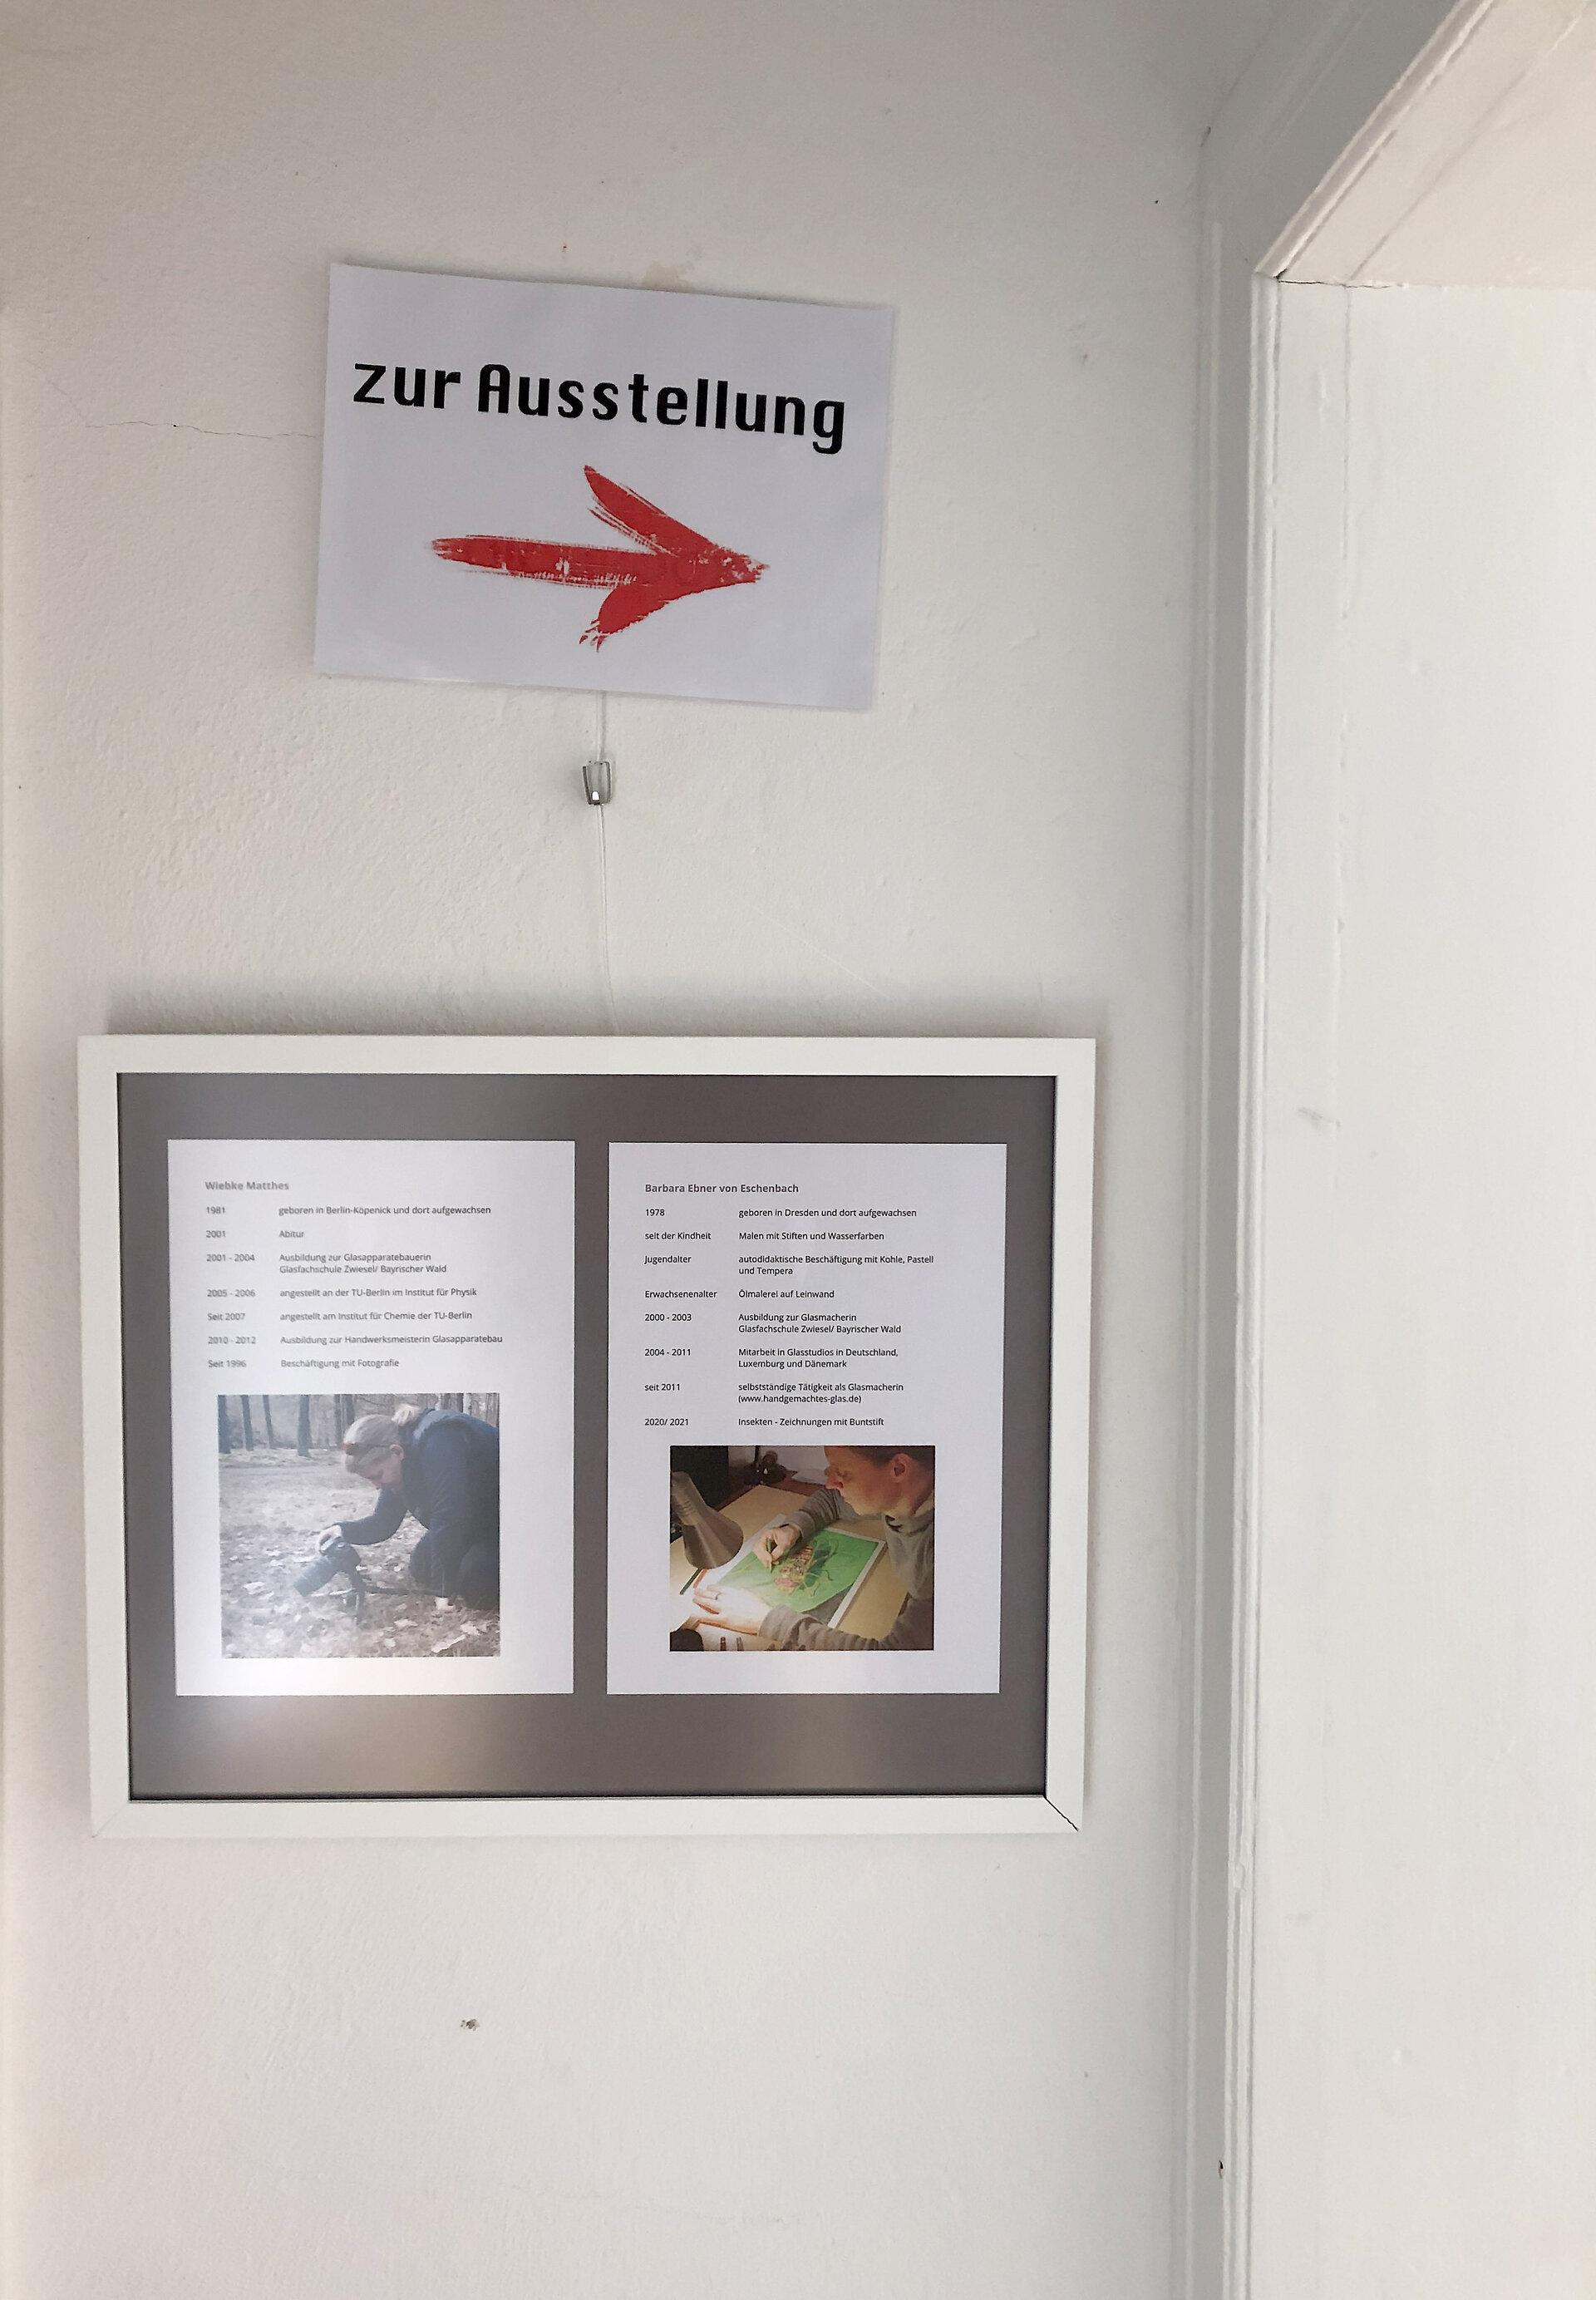 Zur Ausstellung